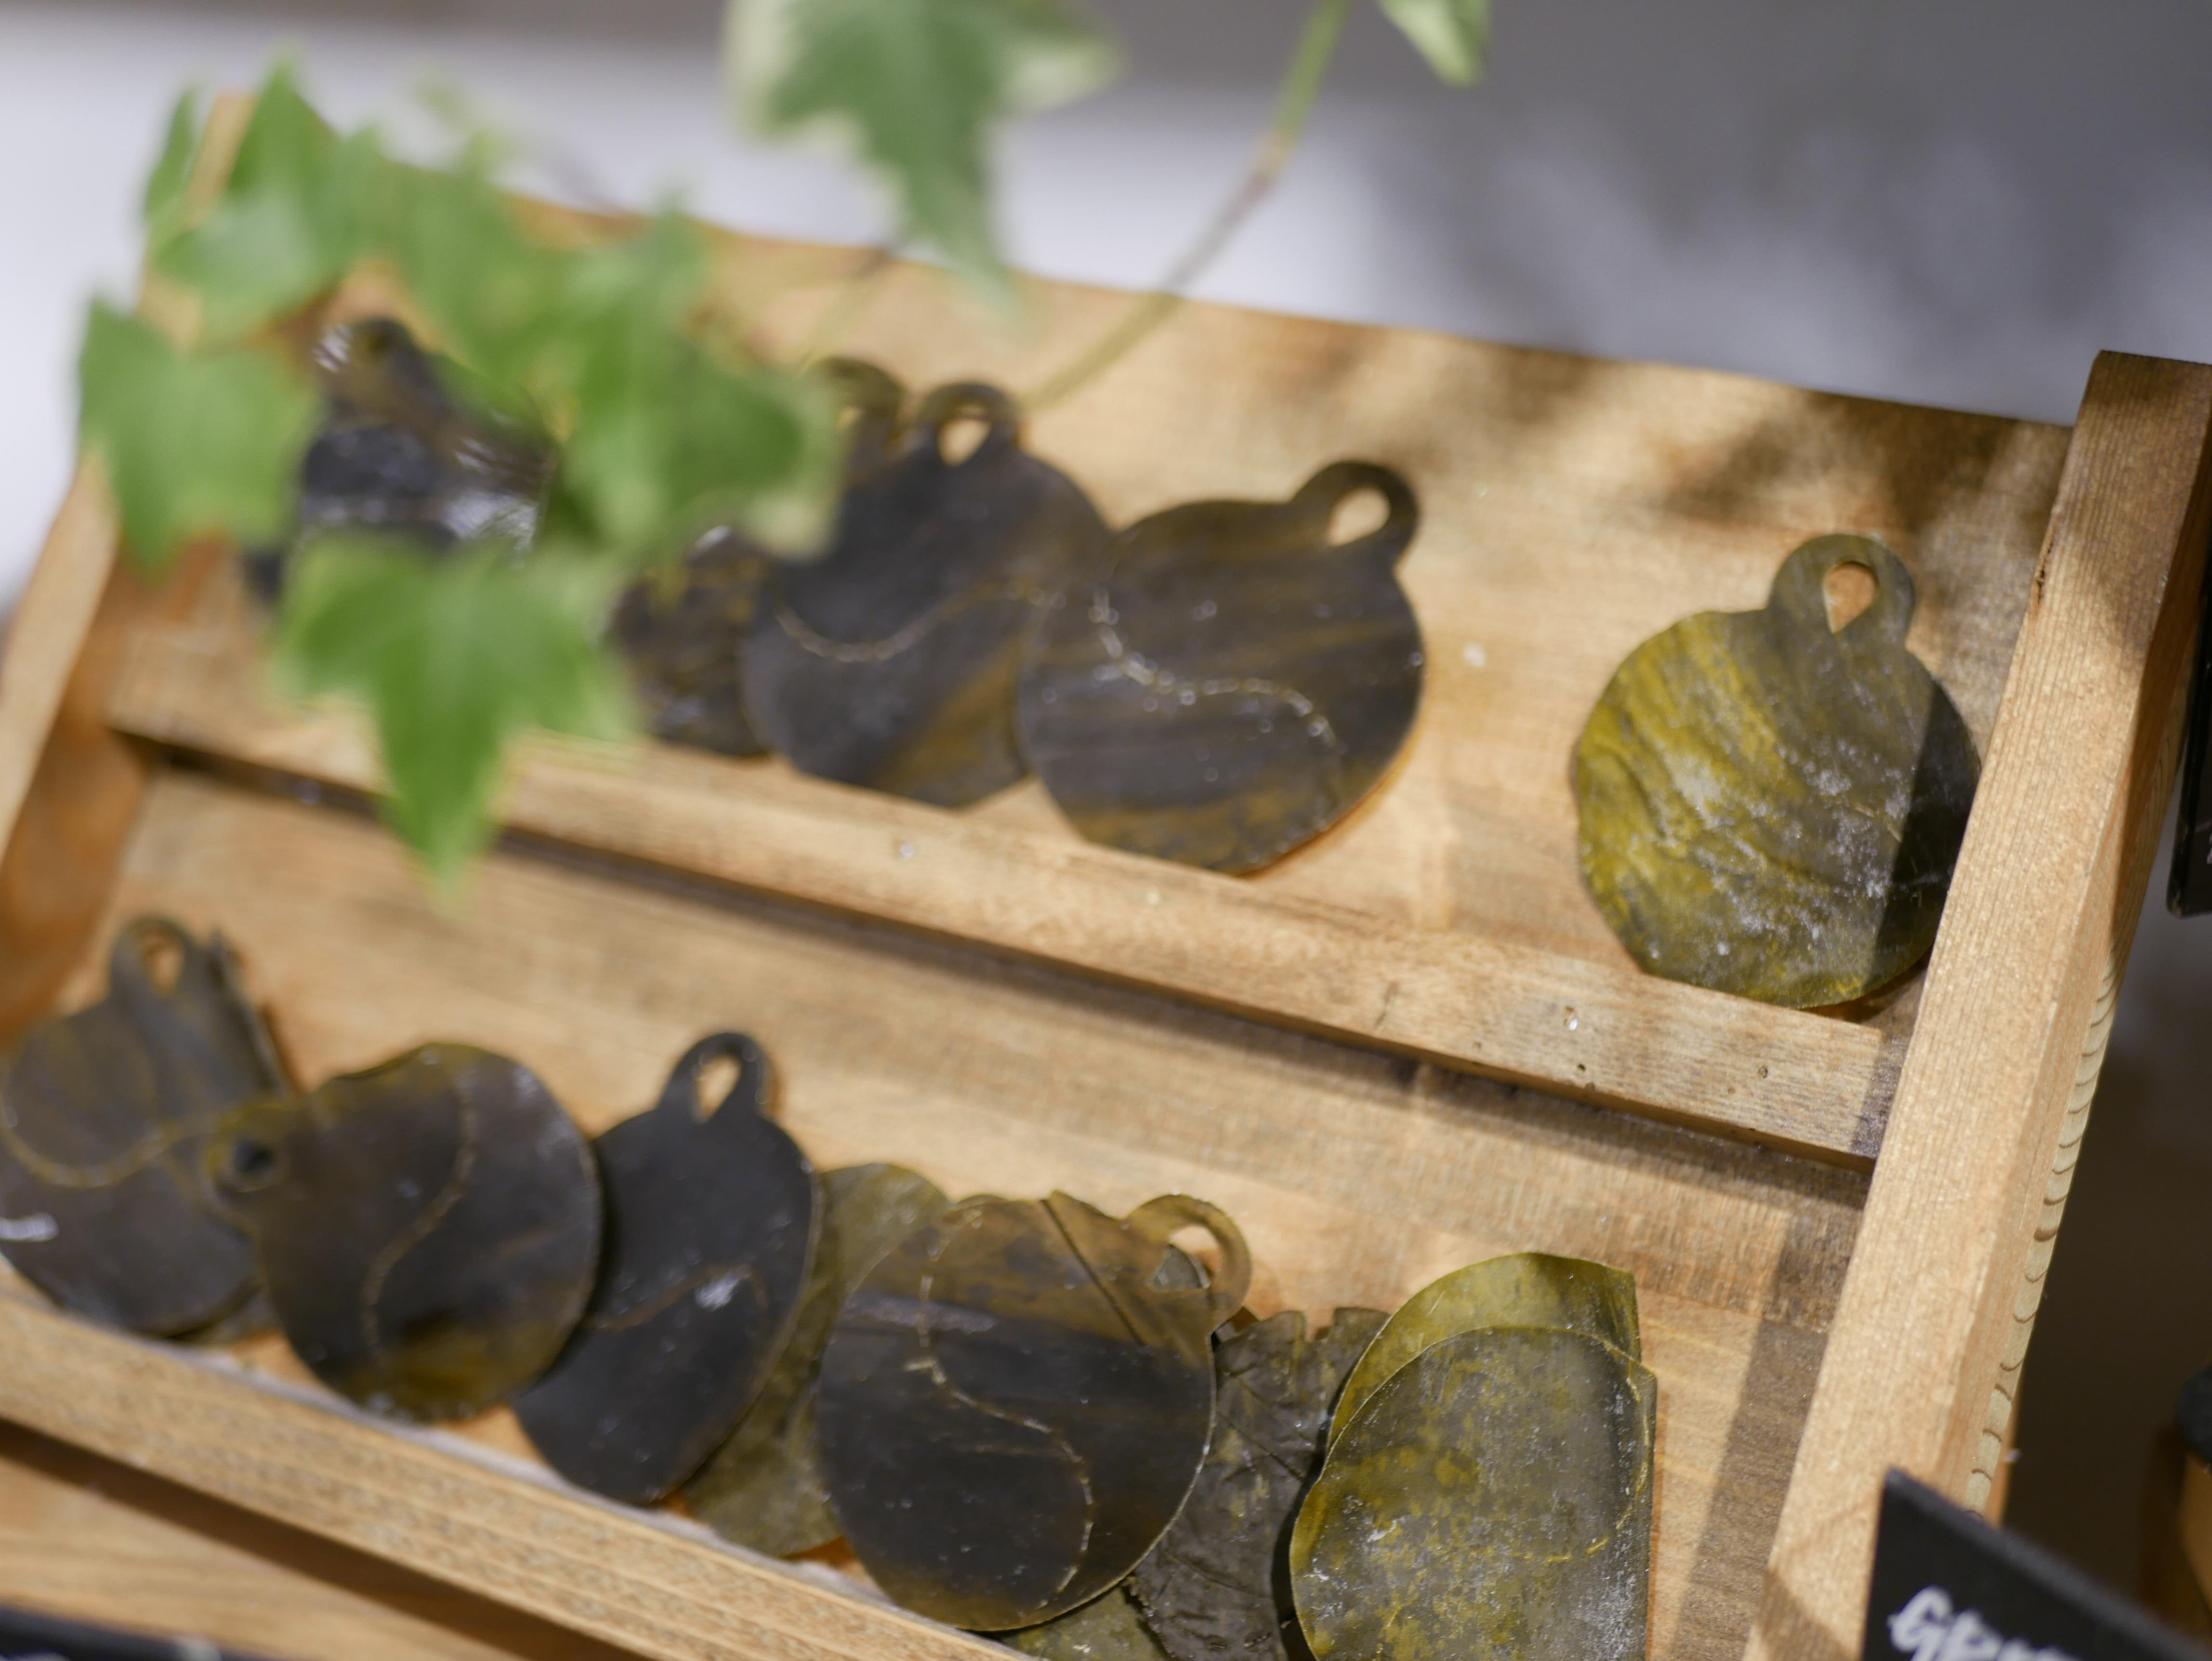 Smarta ögonmasker gjorda av japanskt sjögräs som man blöter upp och lägger under ögat.